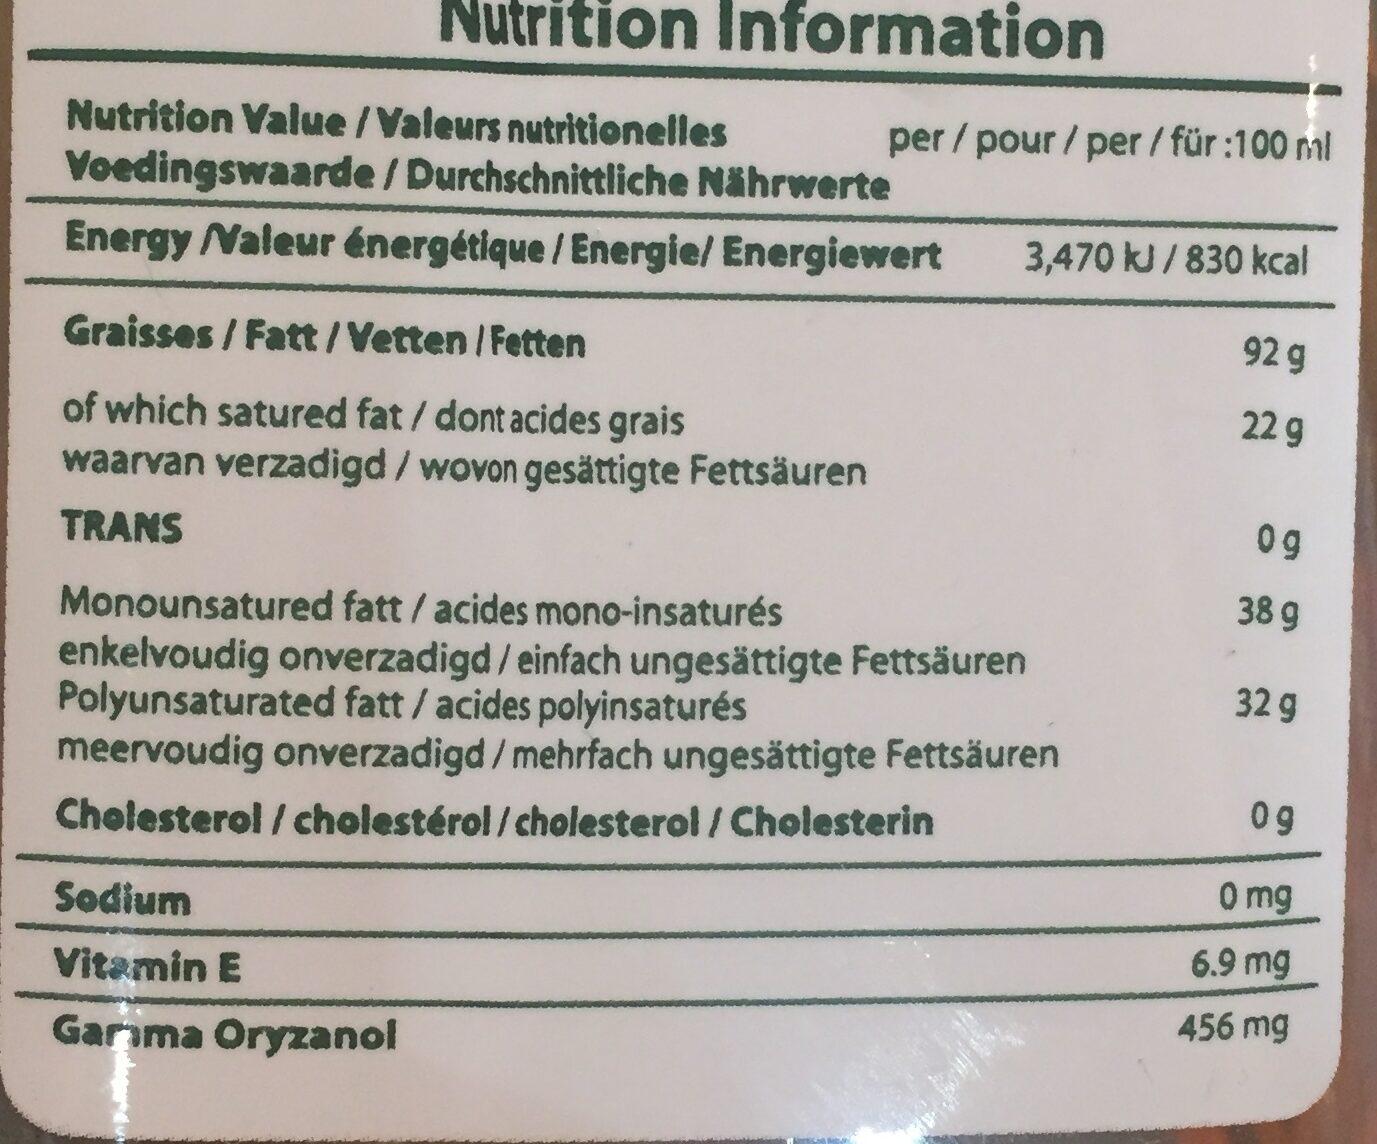 Huile de riz - Informations nutritionnelles - fr